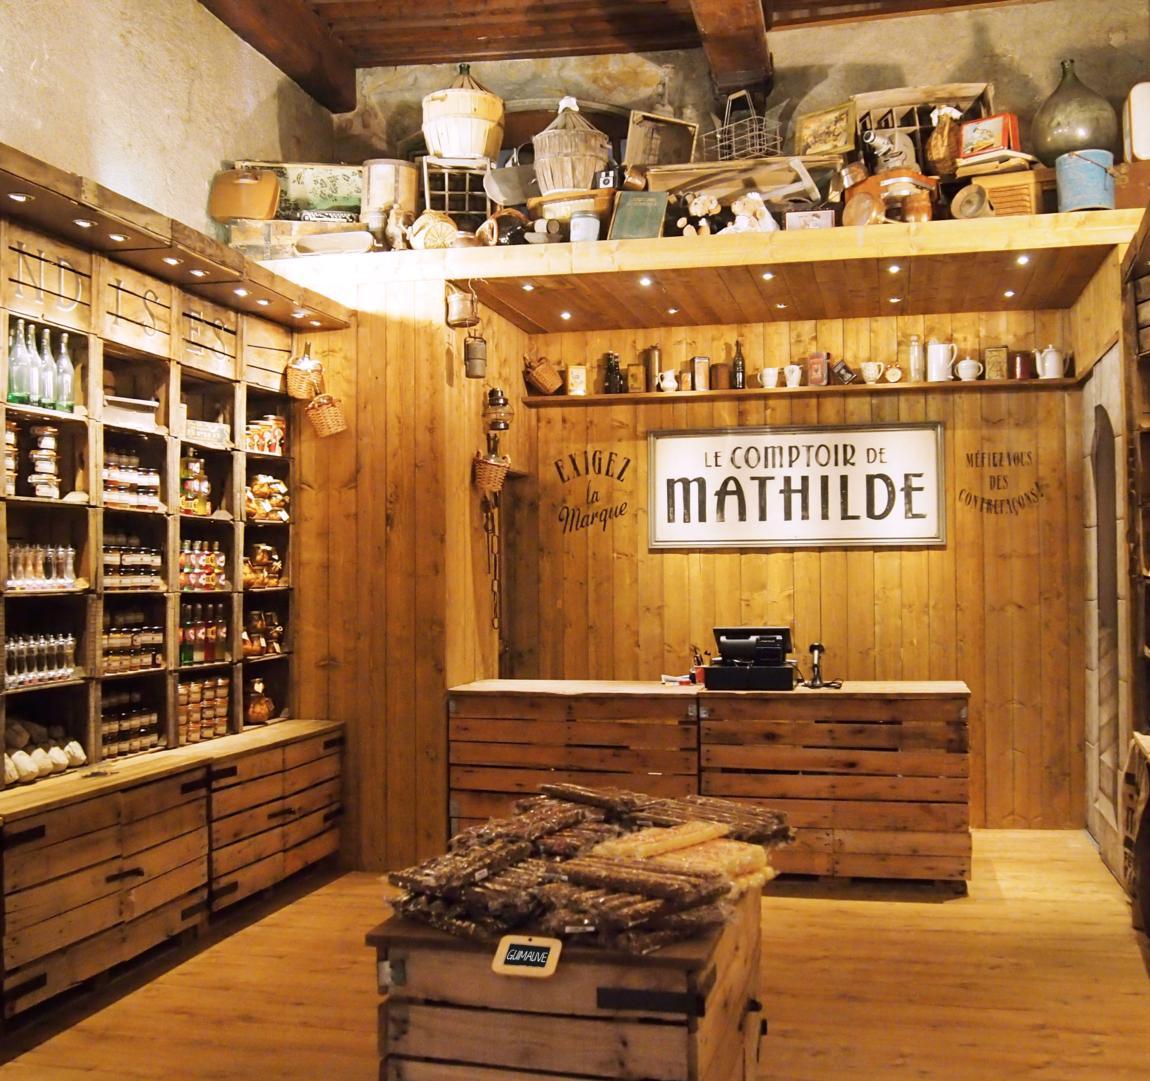 Le comptoir de mathilde lyon 5 me commerce et service lyon et dans le rhone - Le comptoir de l ancienne ...